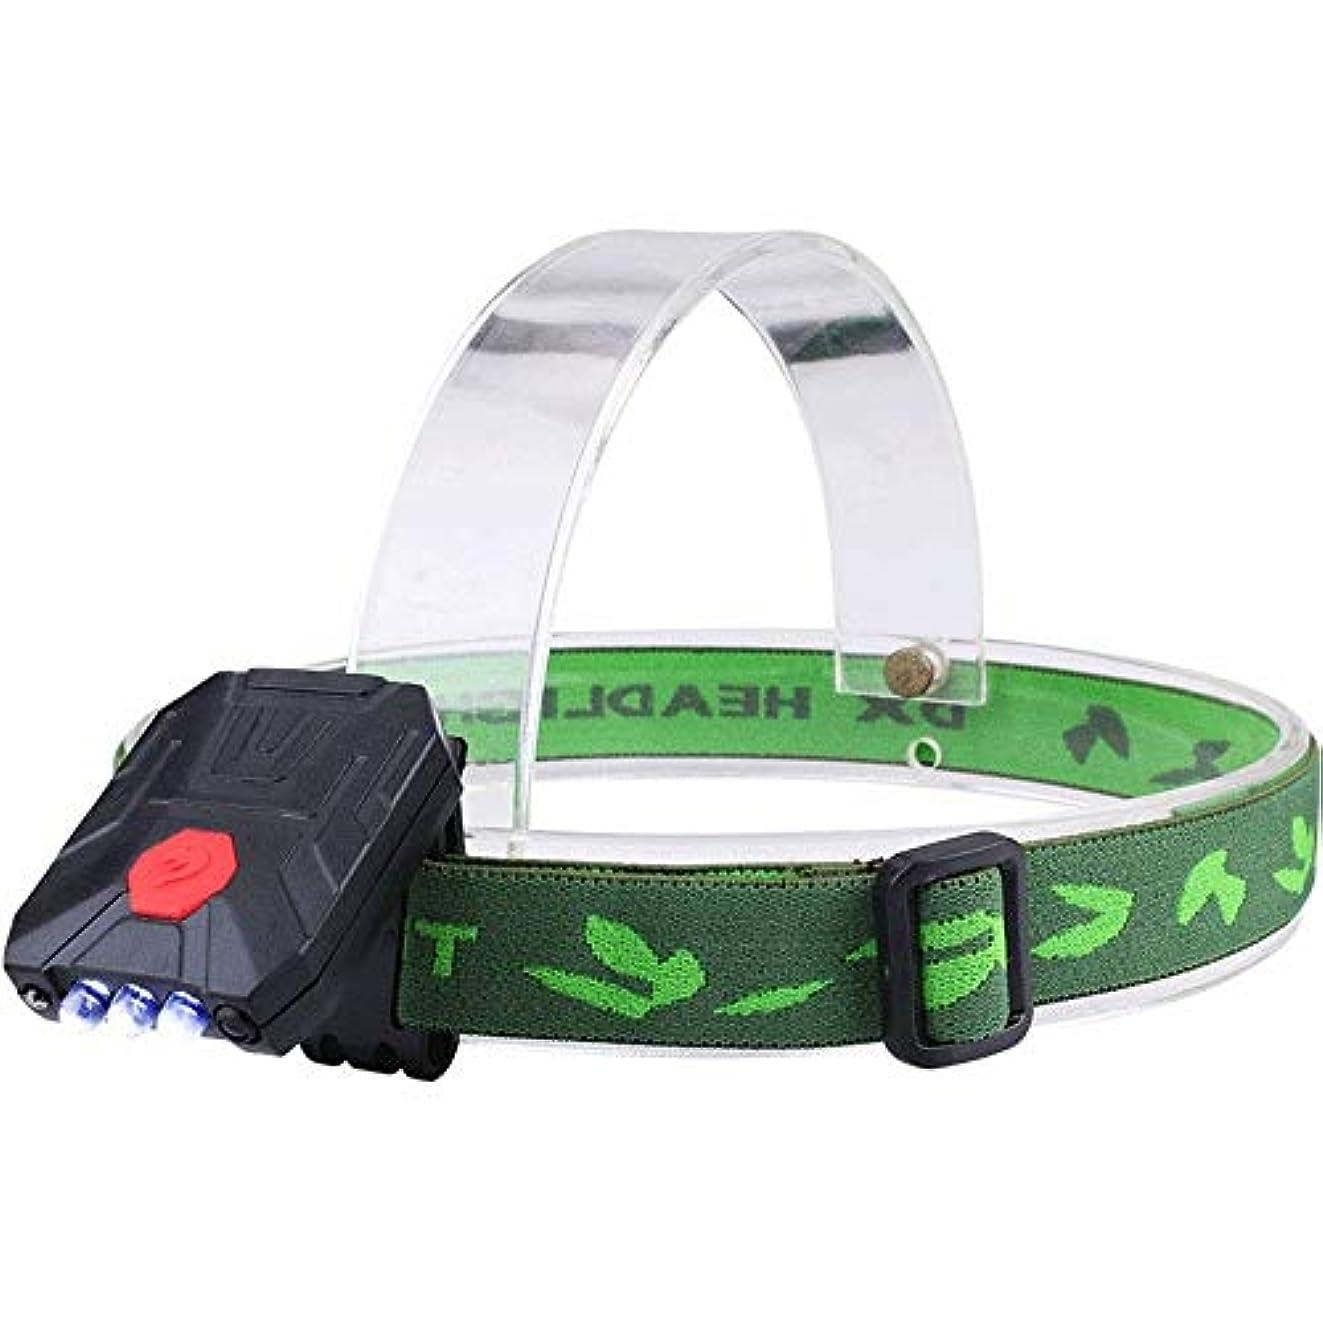 生活嵐の記念碑的なJKLL 充電式ヘッドランプ、Redlightおよびモーションセンサースイッチ付きLEDヘッドランプ懐中電灯、ランニングに最適、ハイキング、軽量、防水、調節可能なヘッドバンド